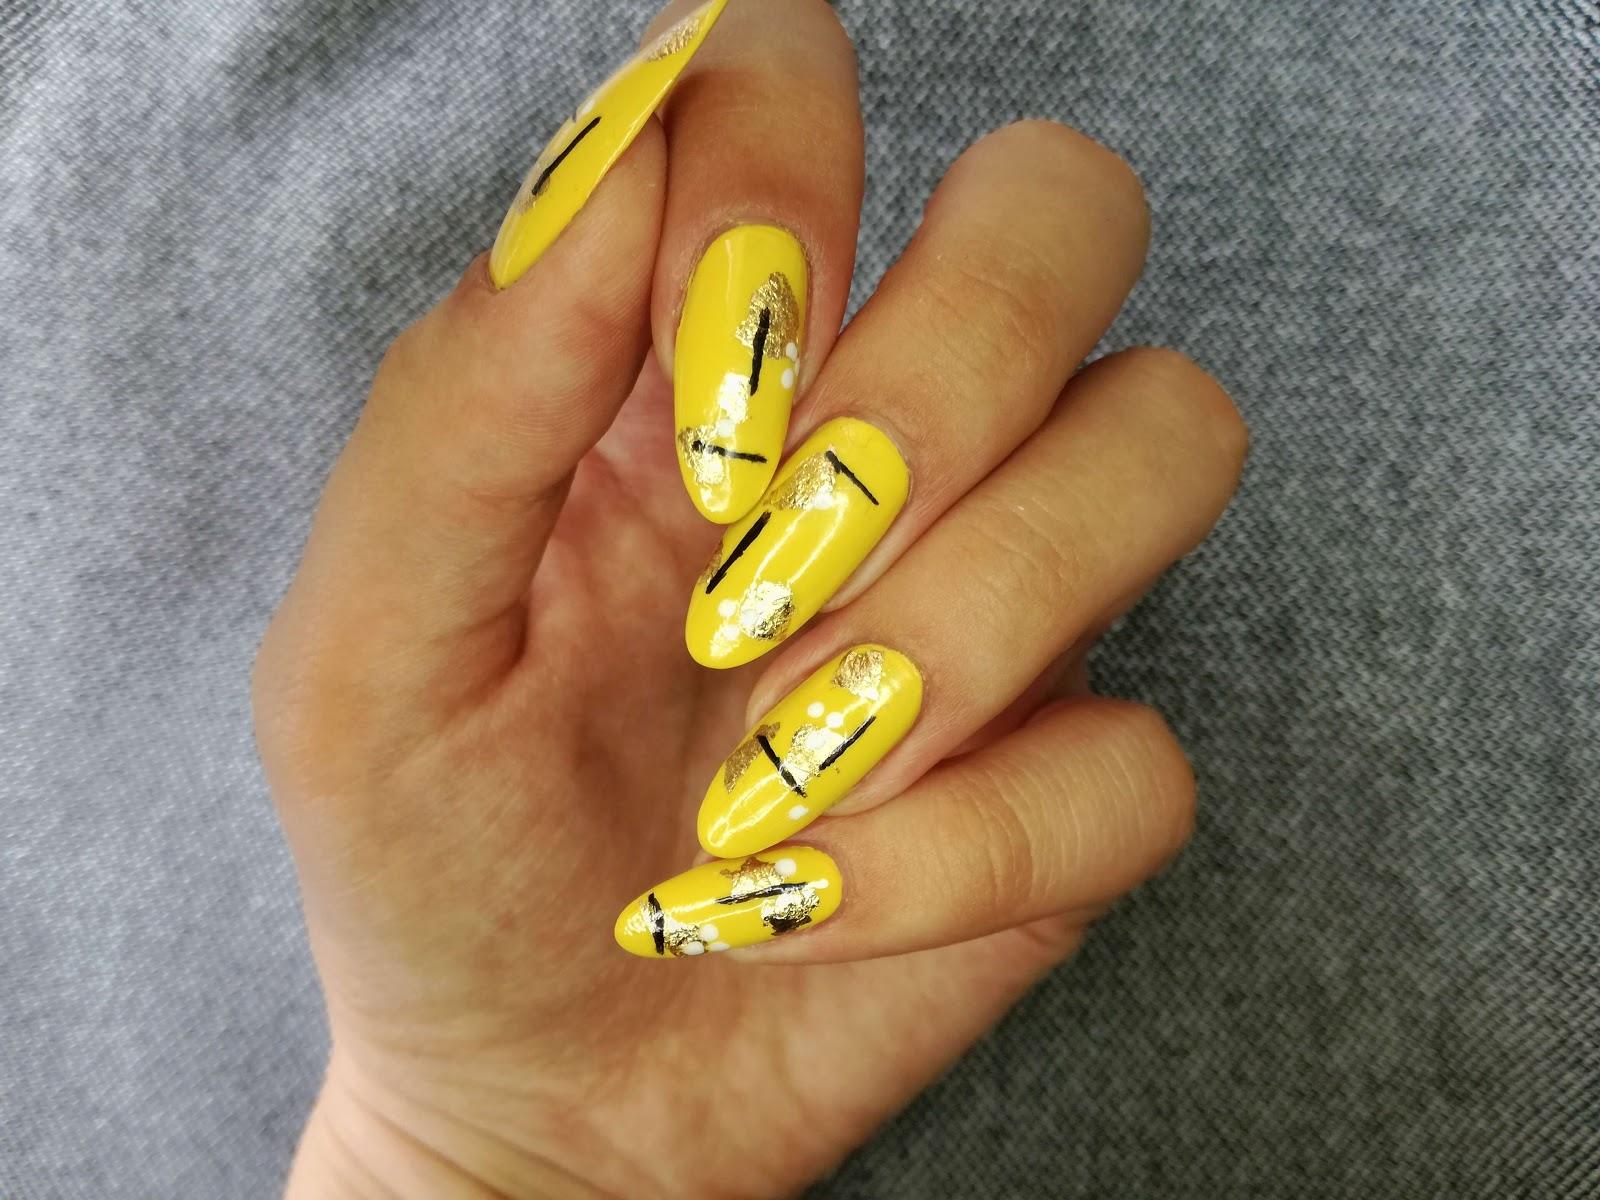 żółte paznokcie w kreski i kropki